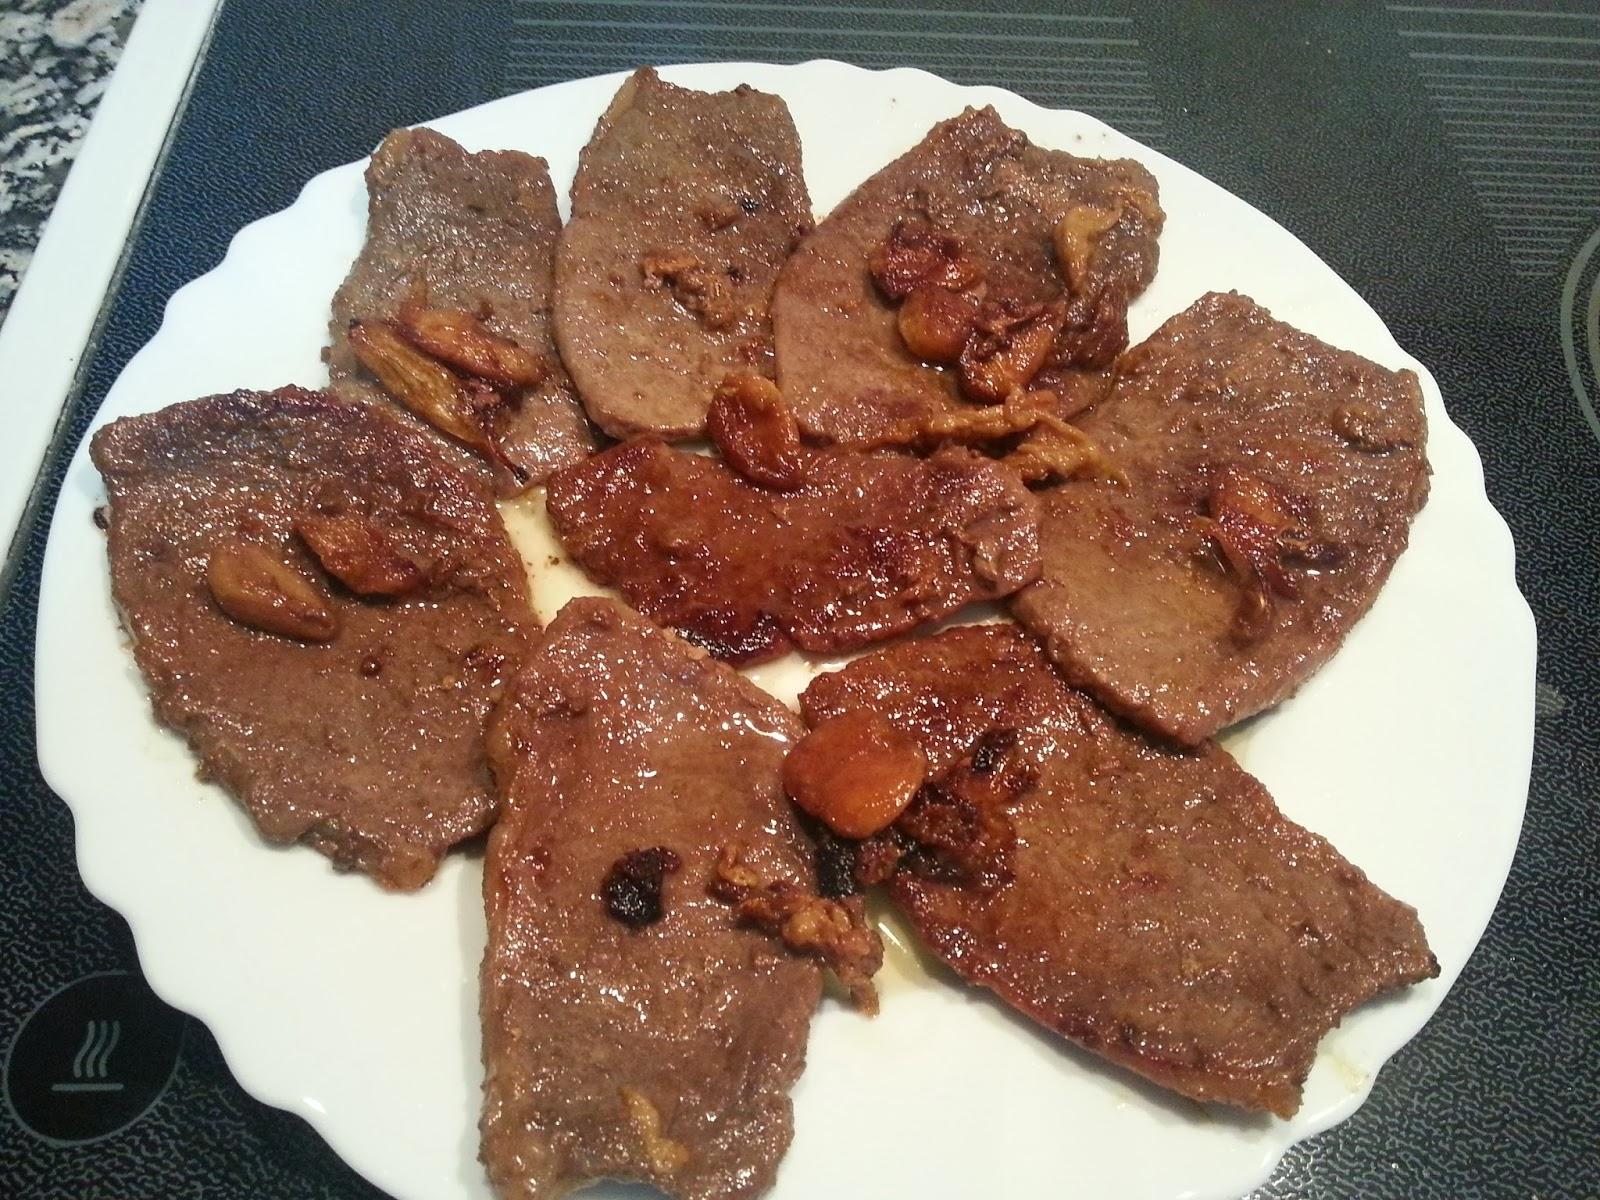 Recetas de toda la vida cocinar sencillo como me ense for Cocinar filetes de ternera